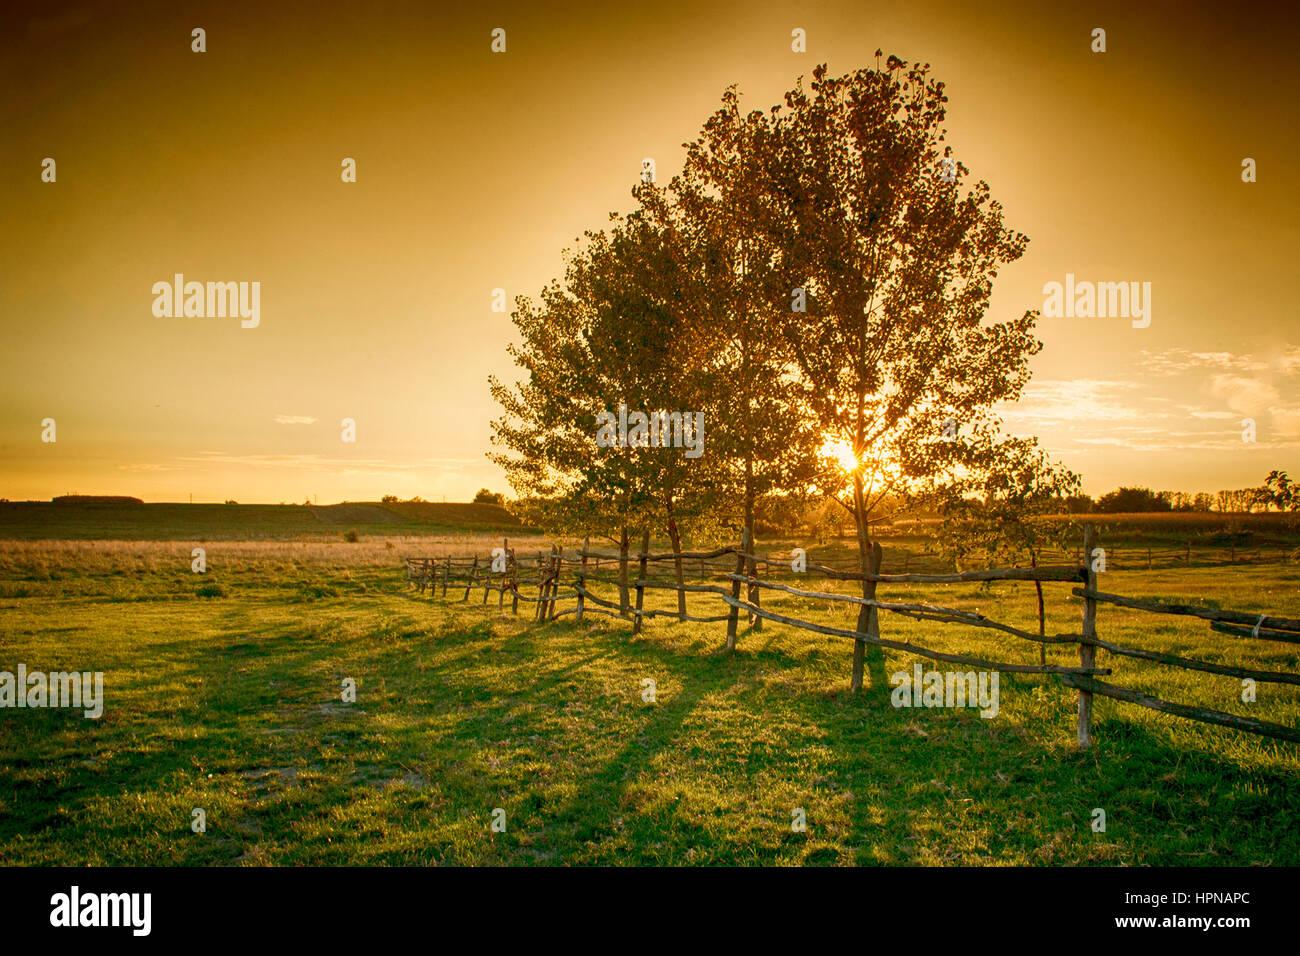 Ackerland im Sonnenuntergang Stockbild